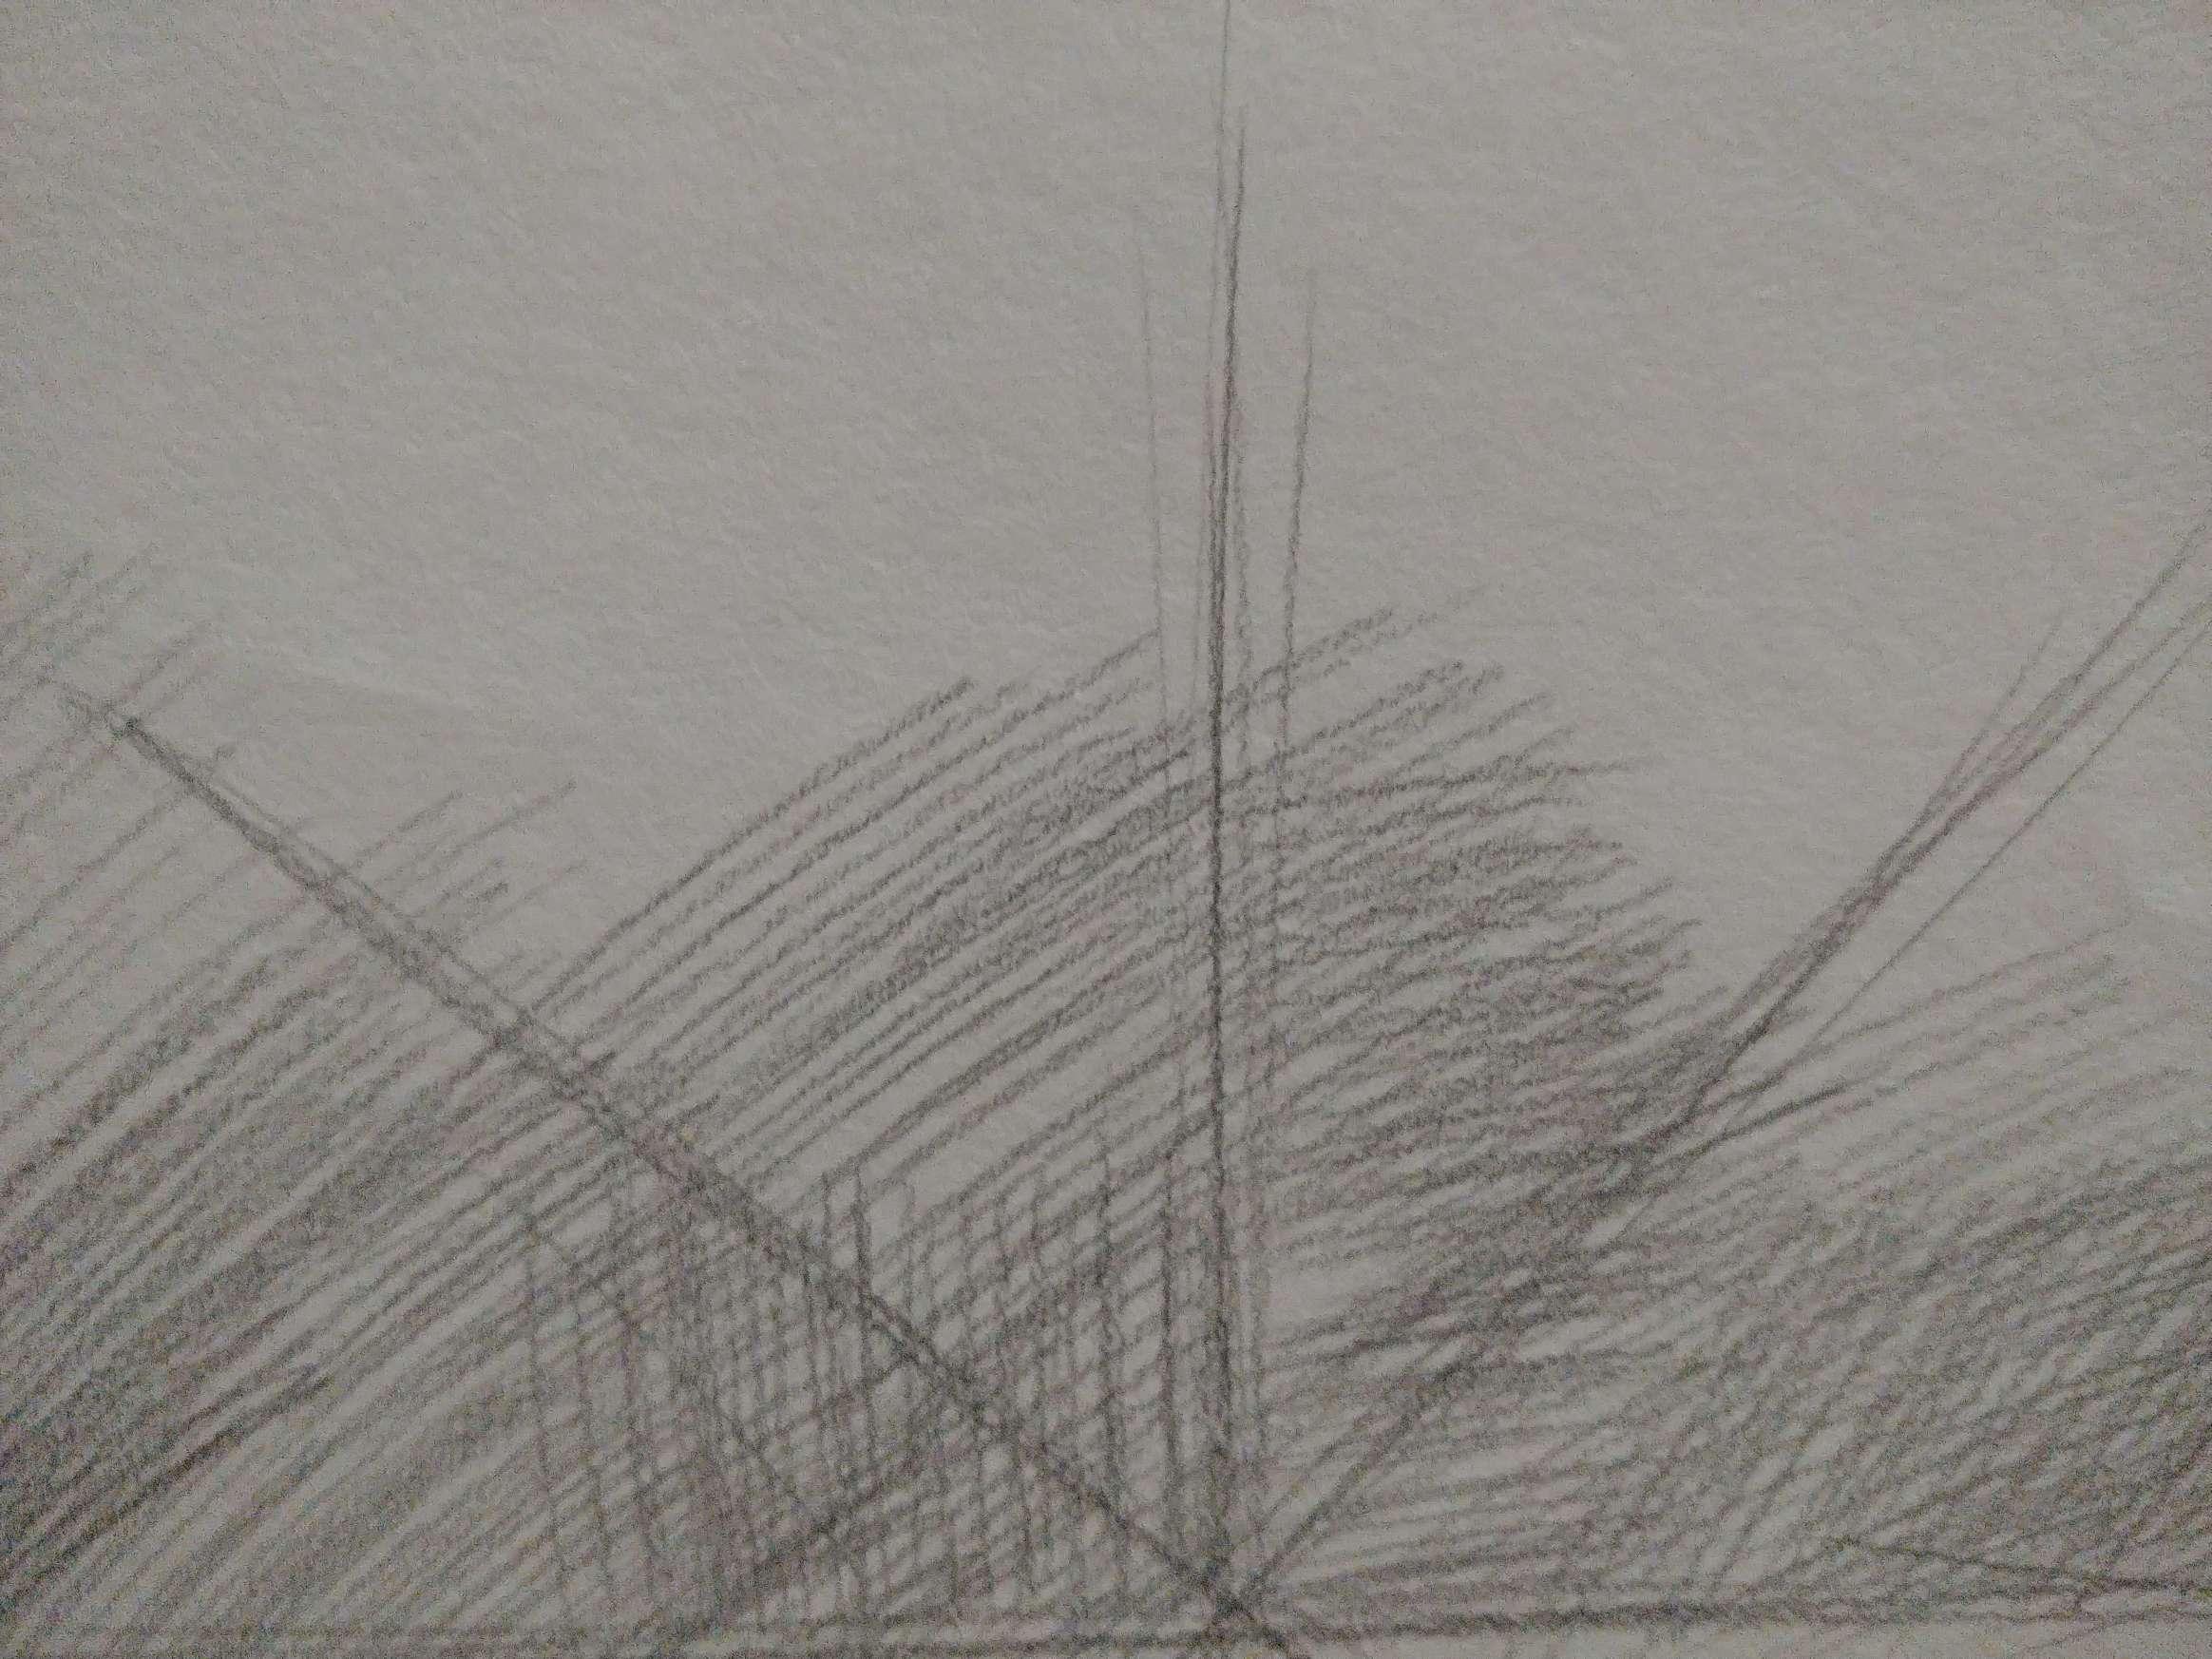 【手绘】美术生量产计划 1